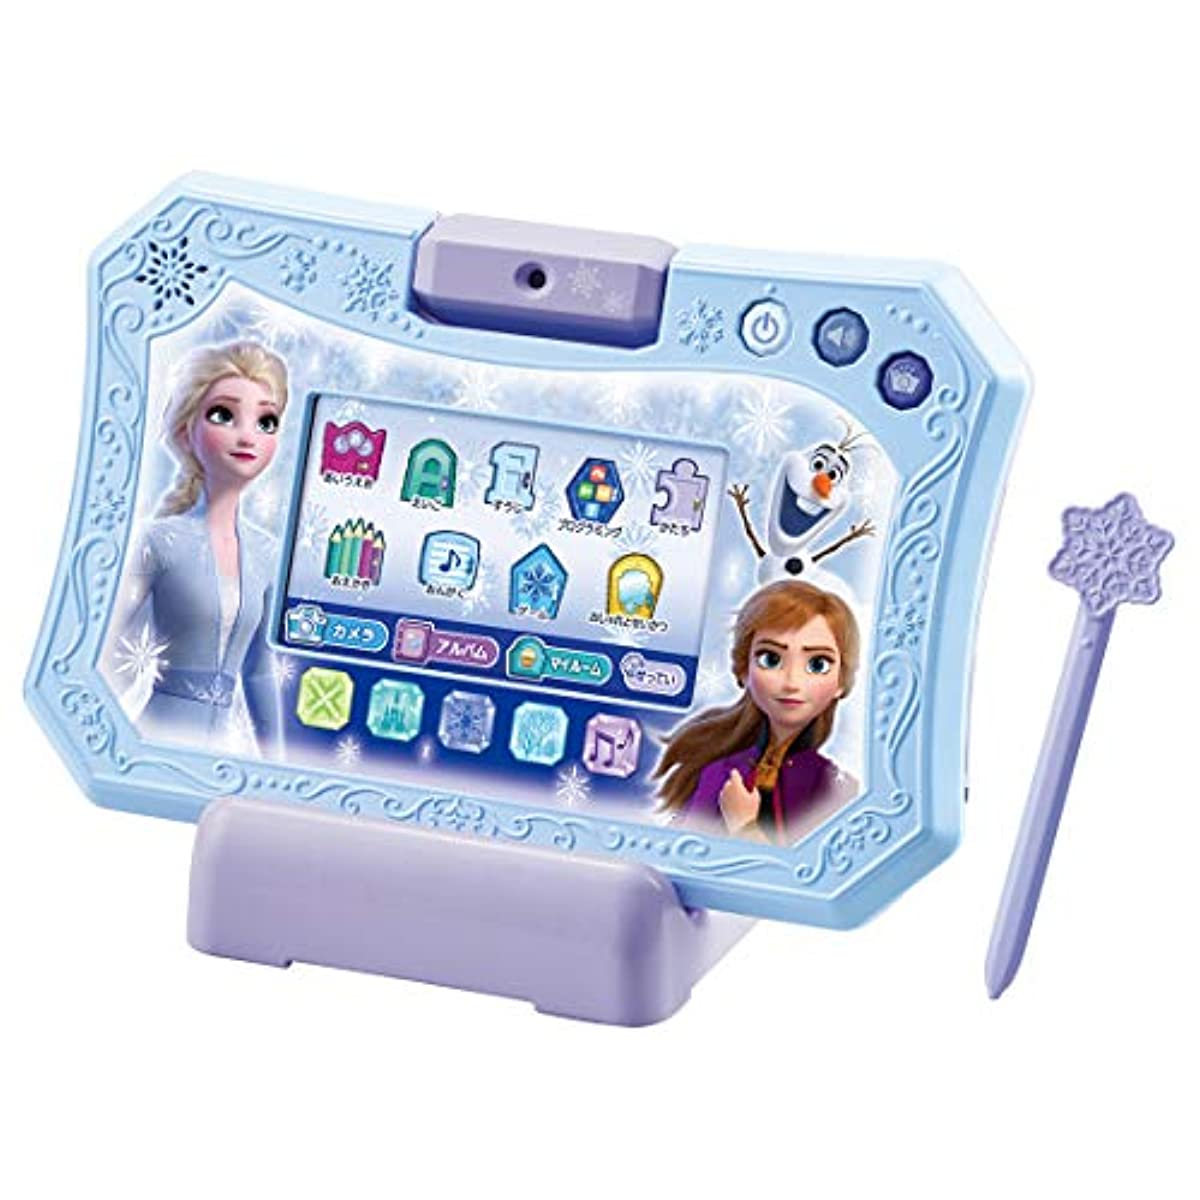 [해외] 디즈니 겨울왕국2 드림 카메라 테블릿